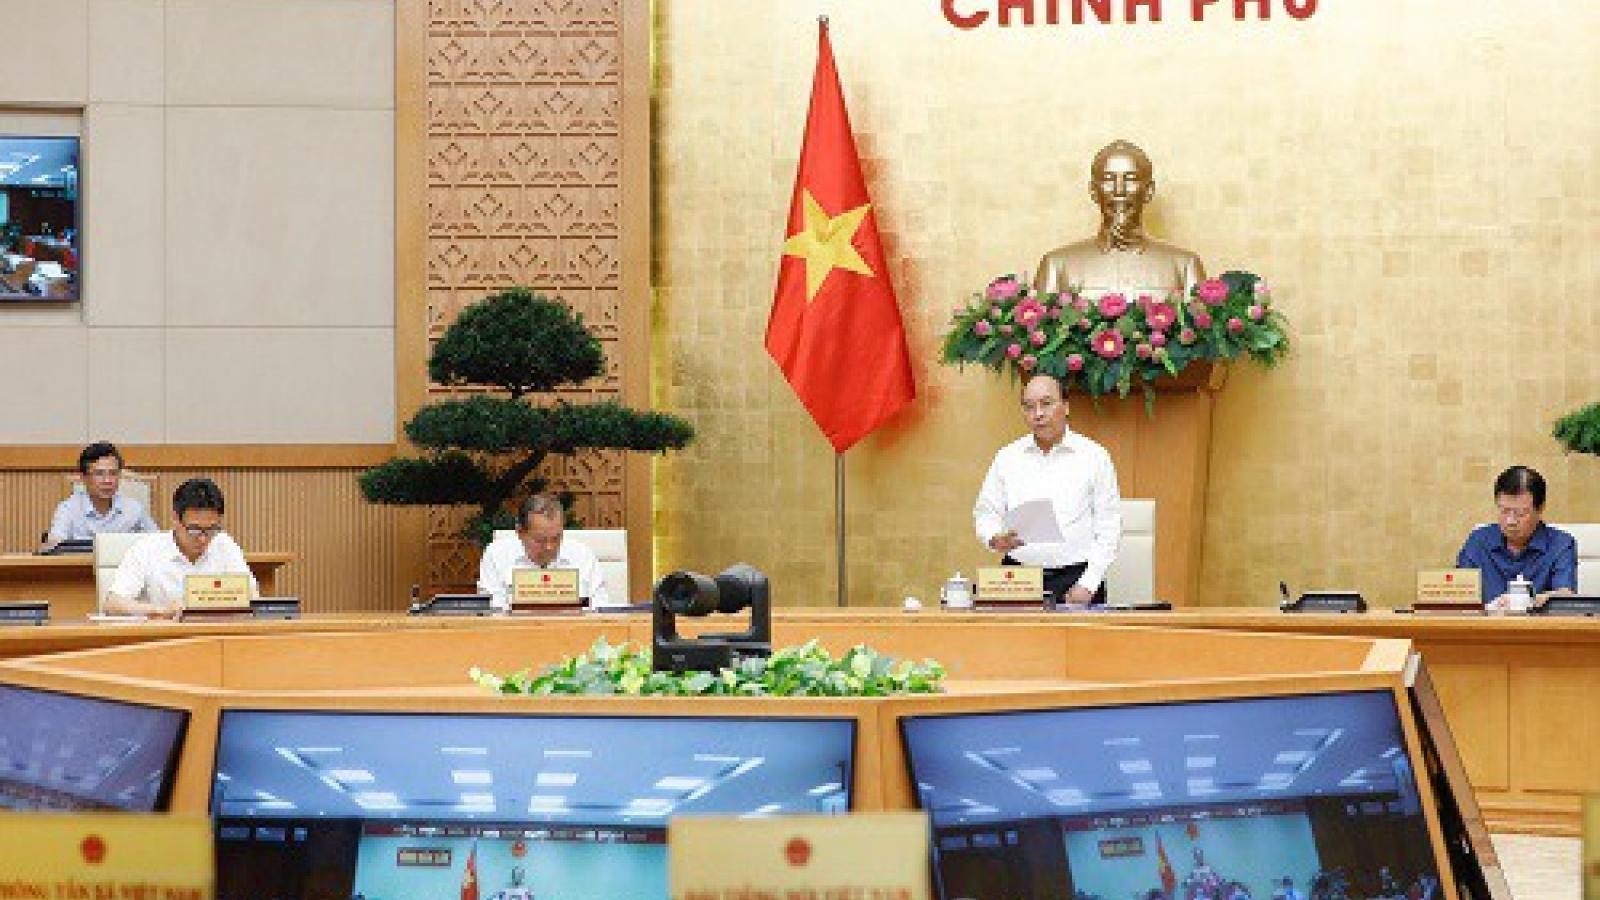 Thủ tướng: Tình hình dịch bệnh Covid-19 diễn biến nhanh và phức tạp